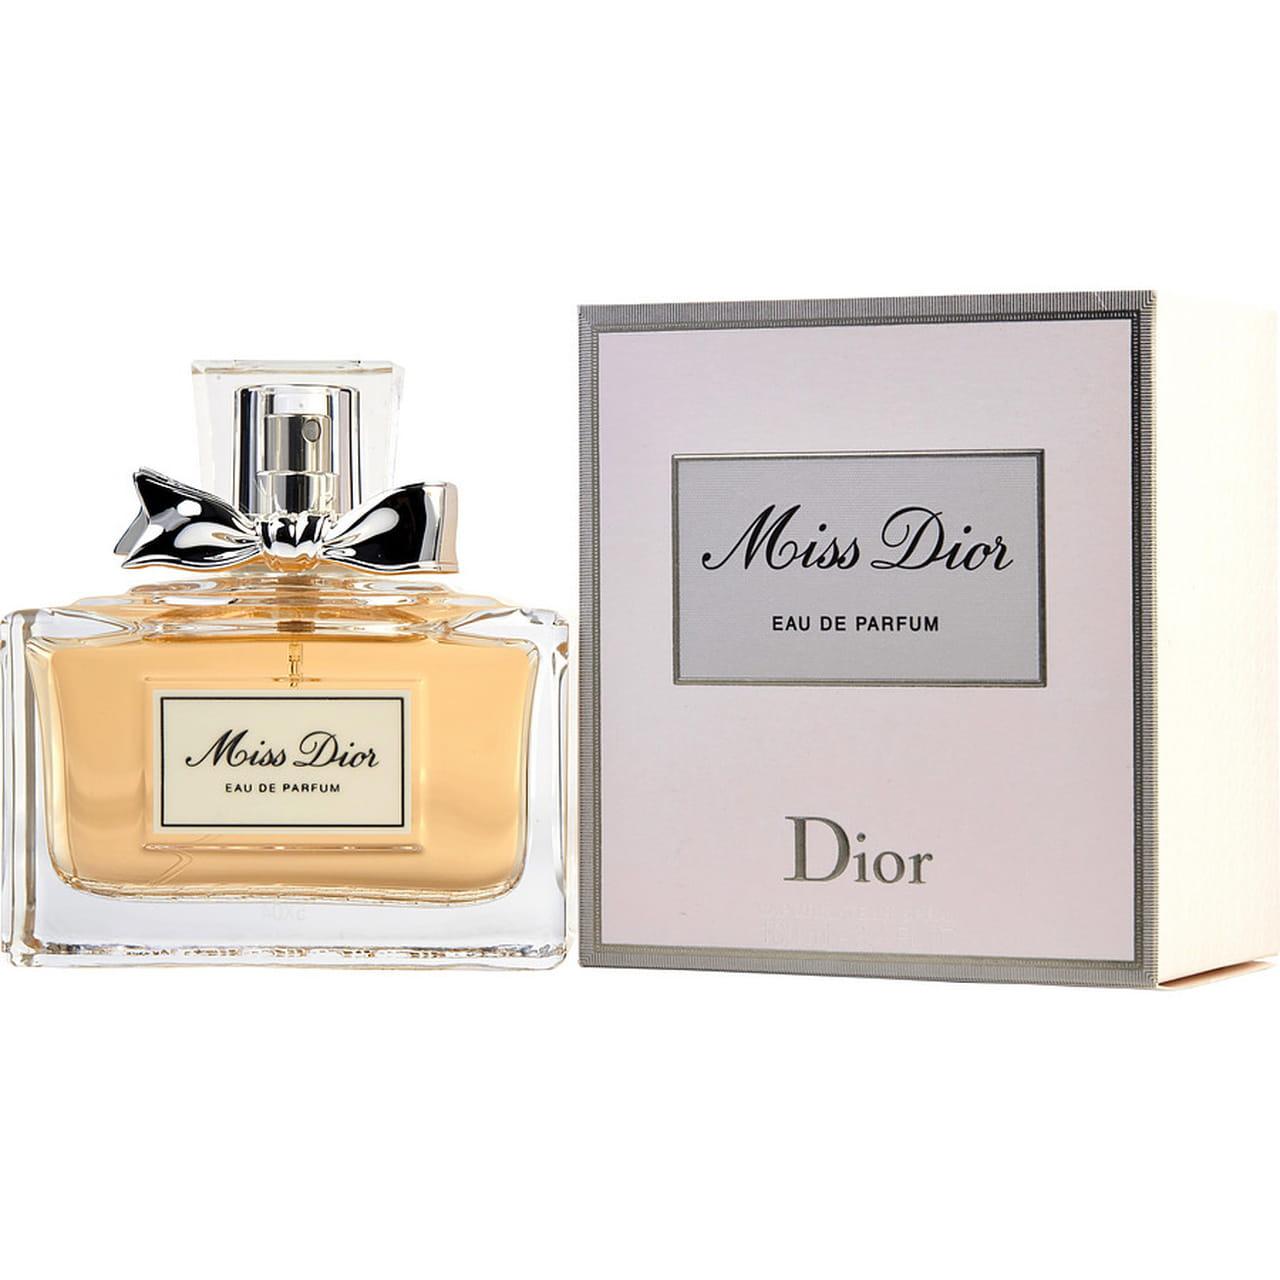 20a1cb1c3 من أجمل العطورات النسائية المقدمة من Dior، فسيدفع بشريكك للجنون وعشق رائحة  عطرك. عطر نقي وقيم، يمثل البراءة التامة مع رائحة الياسمين والباتشولي  والماندرين.